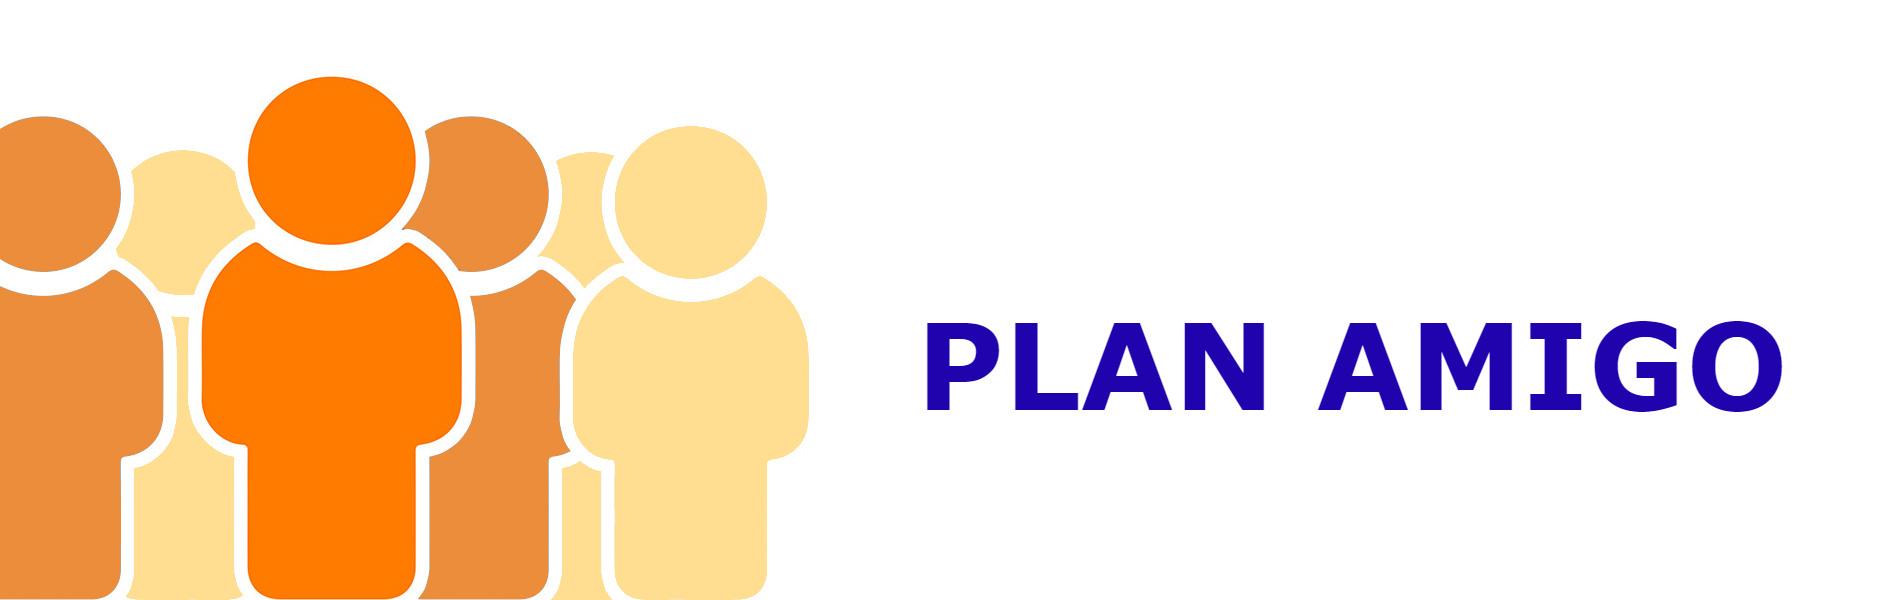 plan-amigo-quiero-invitar